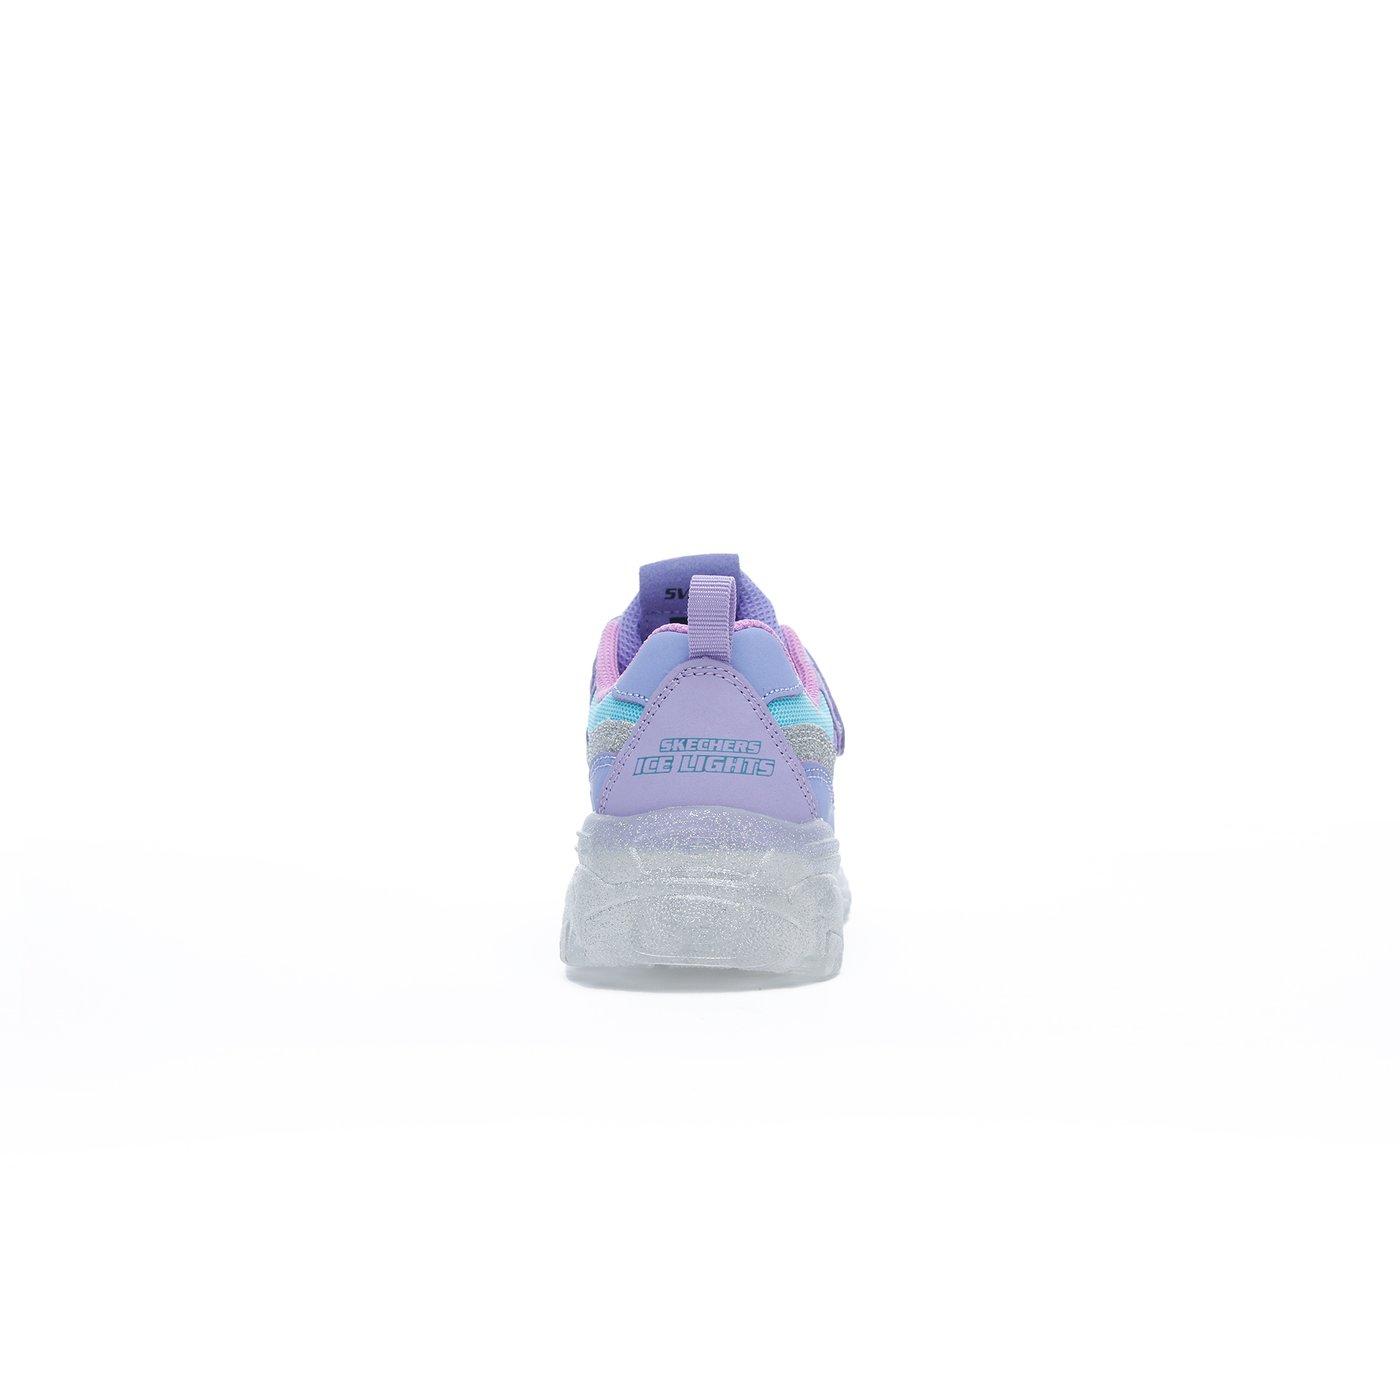 Skechers Ice D'Lites-Snow Spark Çocuk Mor Spor Ayakkabı